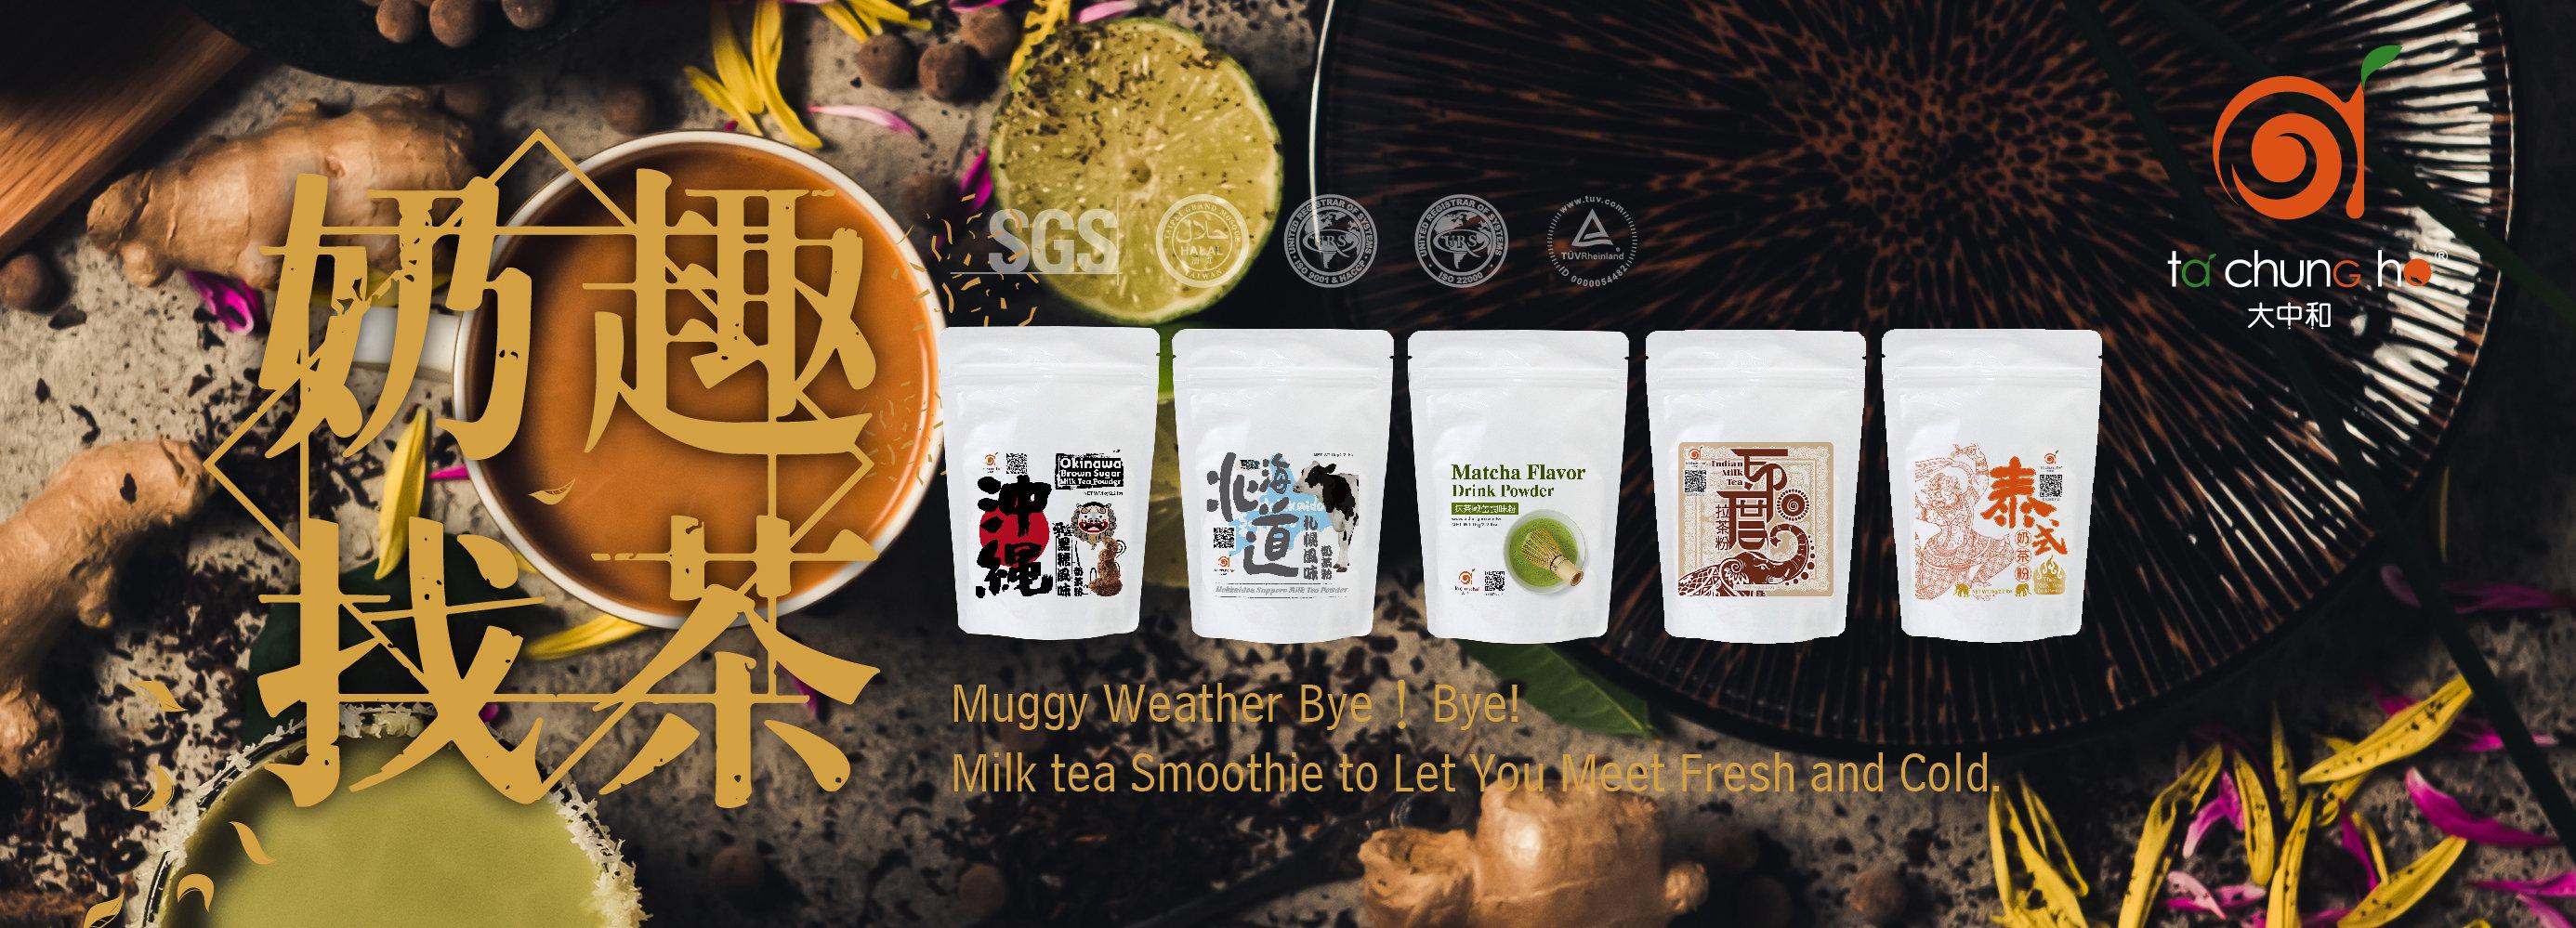 奶趣找茶~冬季世界奶茶 - 沖繩黑糖奶茶、北海道札幌奶茶、抹茶歐蕾、泰式奶茶、印度奶茶